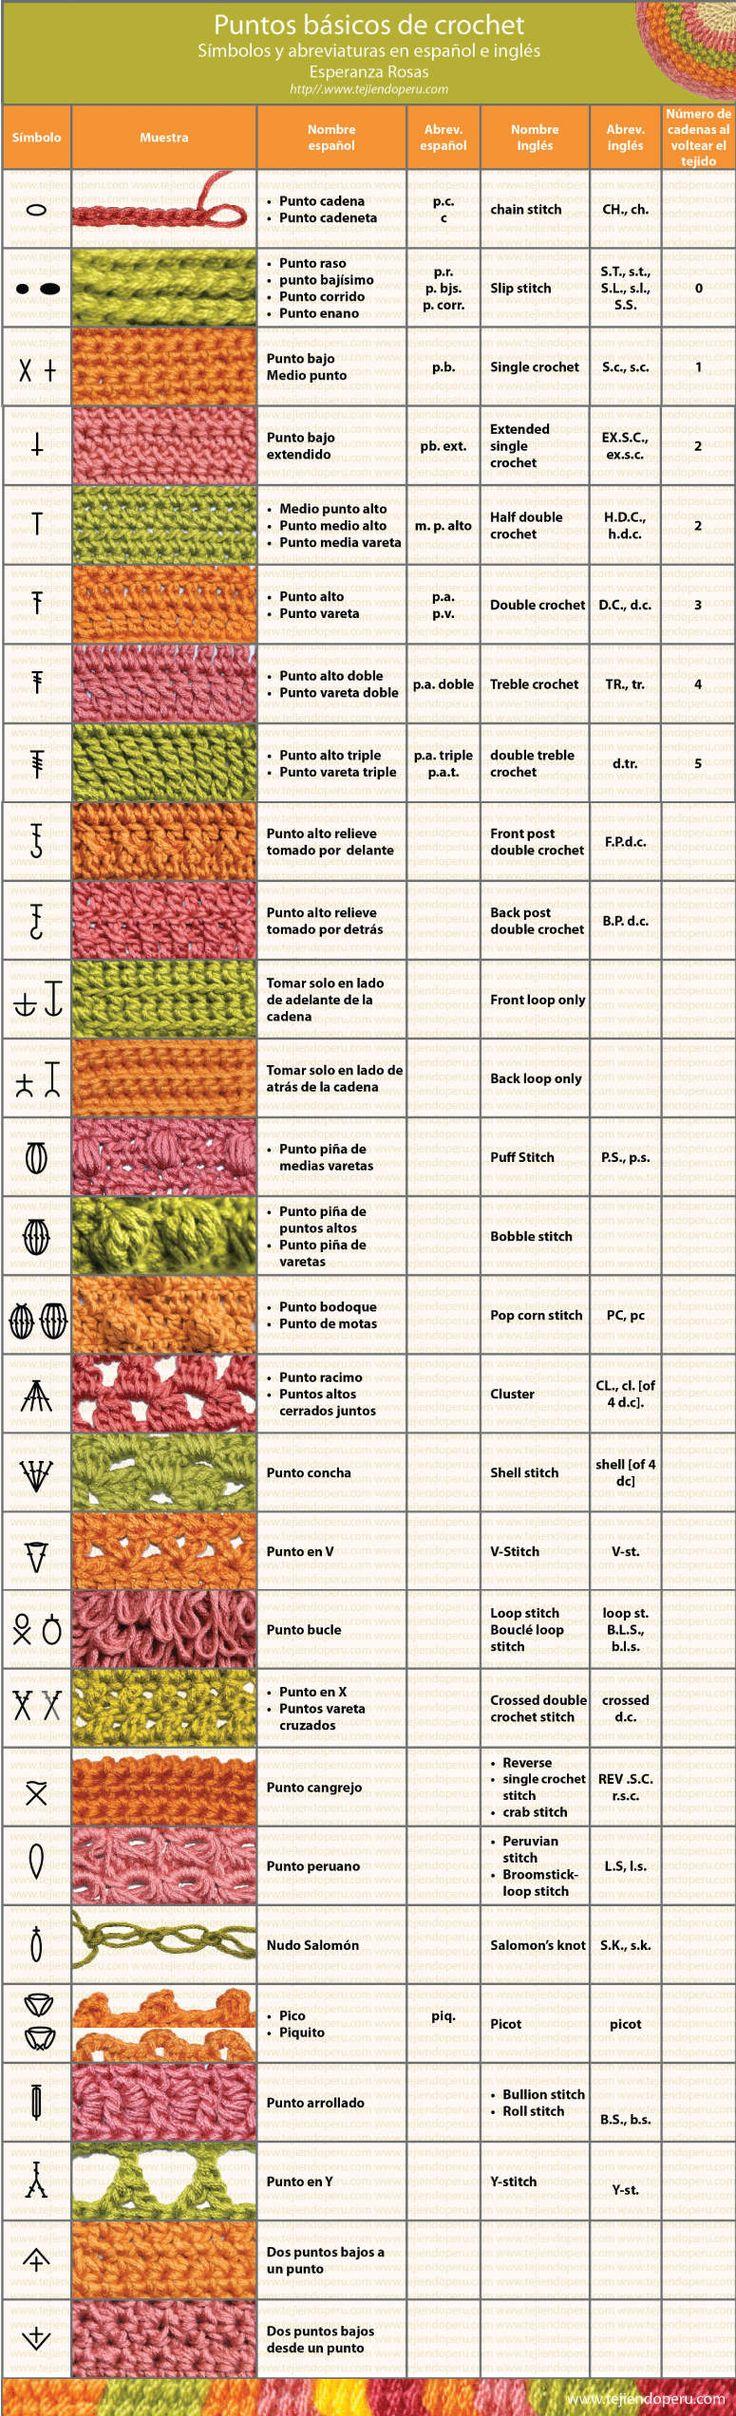 Interpretación traducción puntos de crochet ganchillo